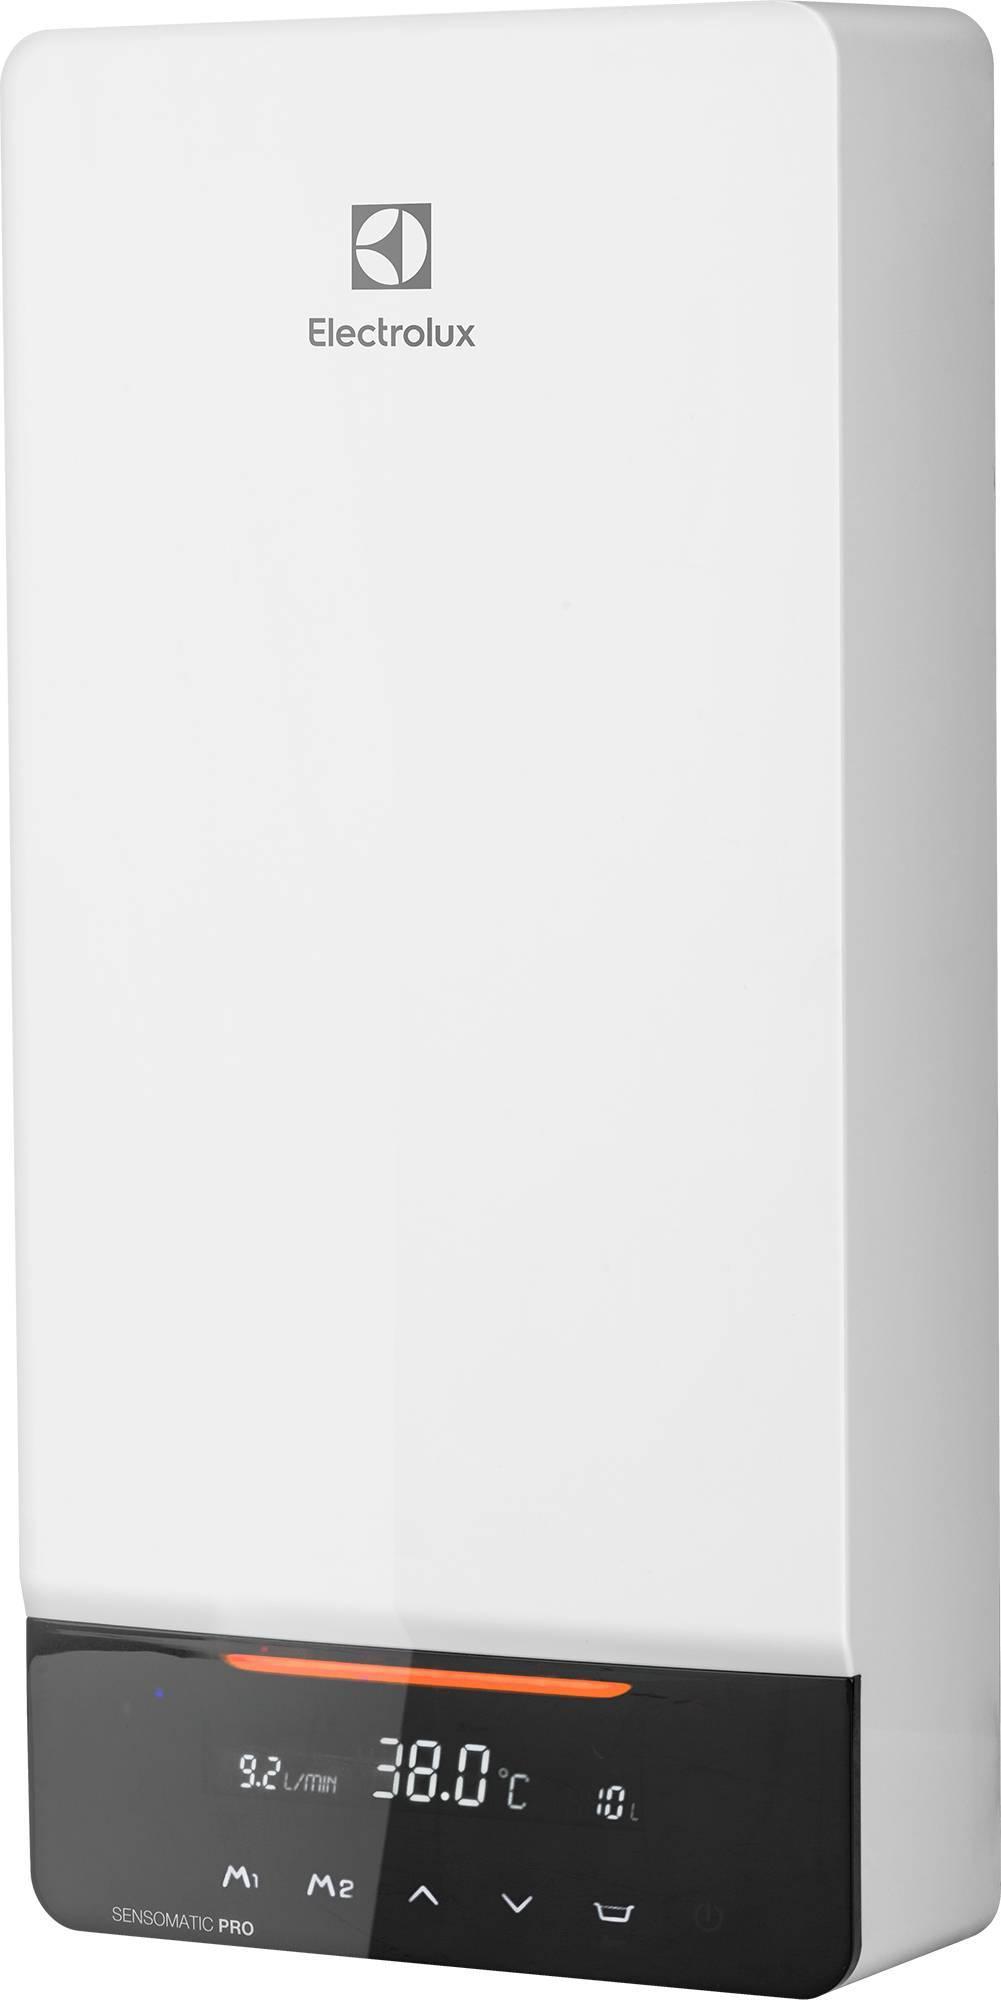 Водонагреватели electrolux: модельный ряд продукции